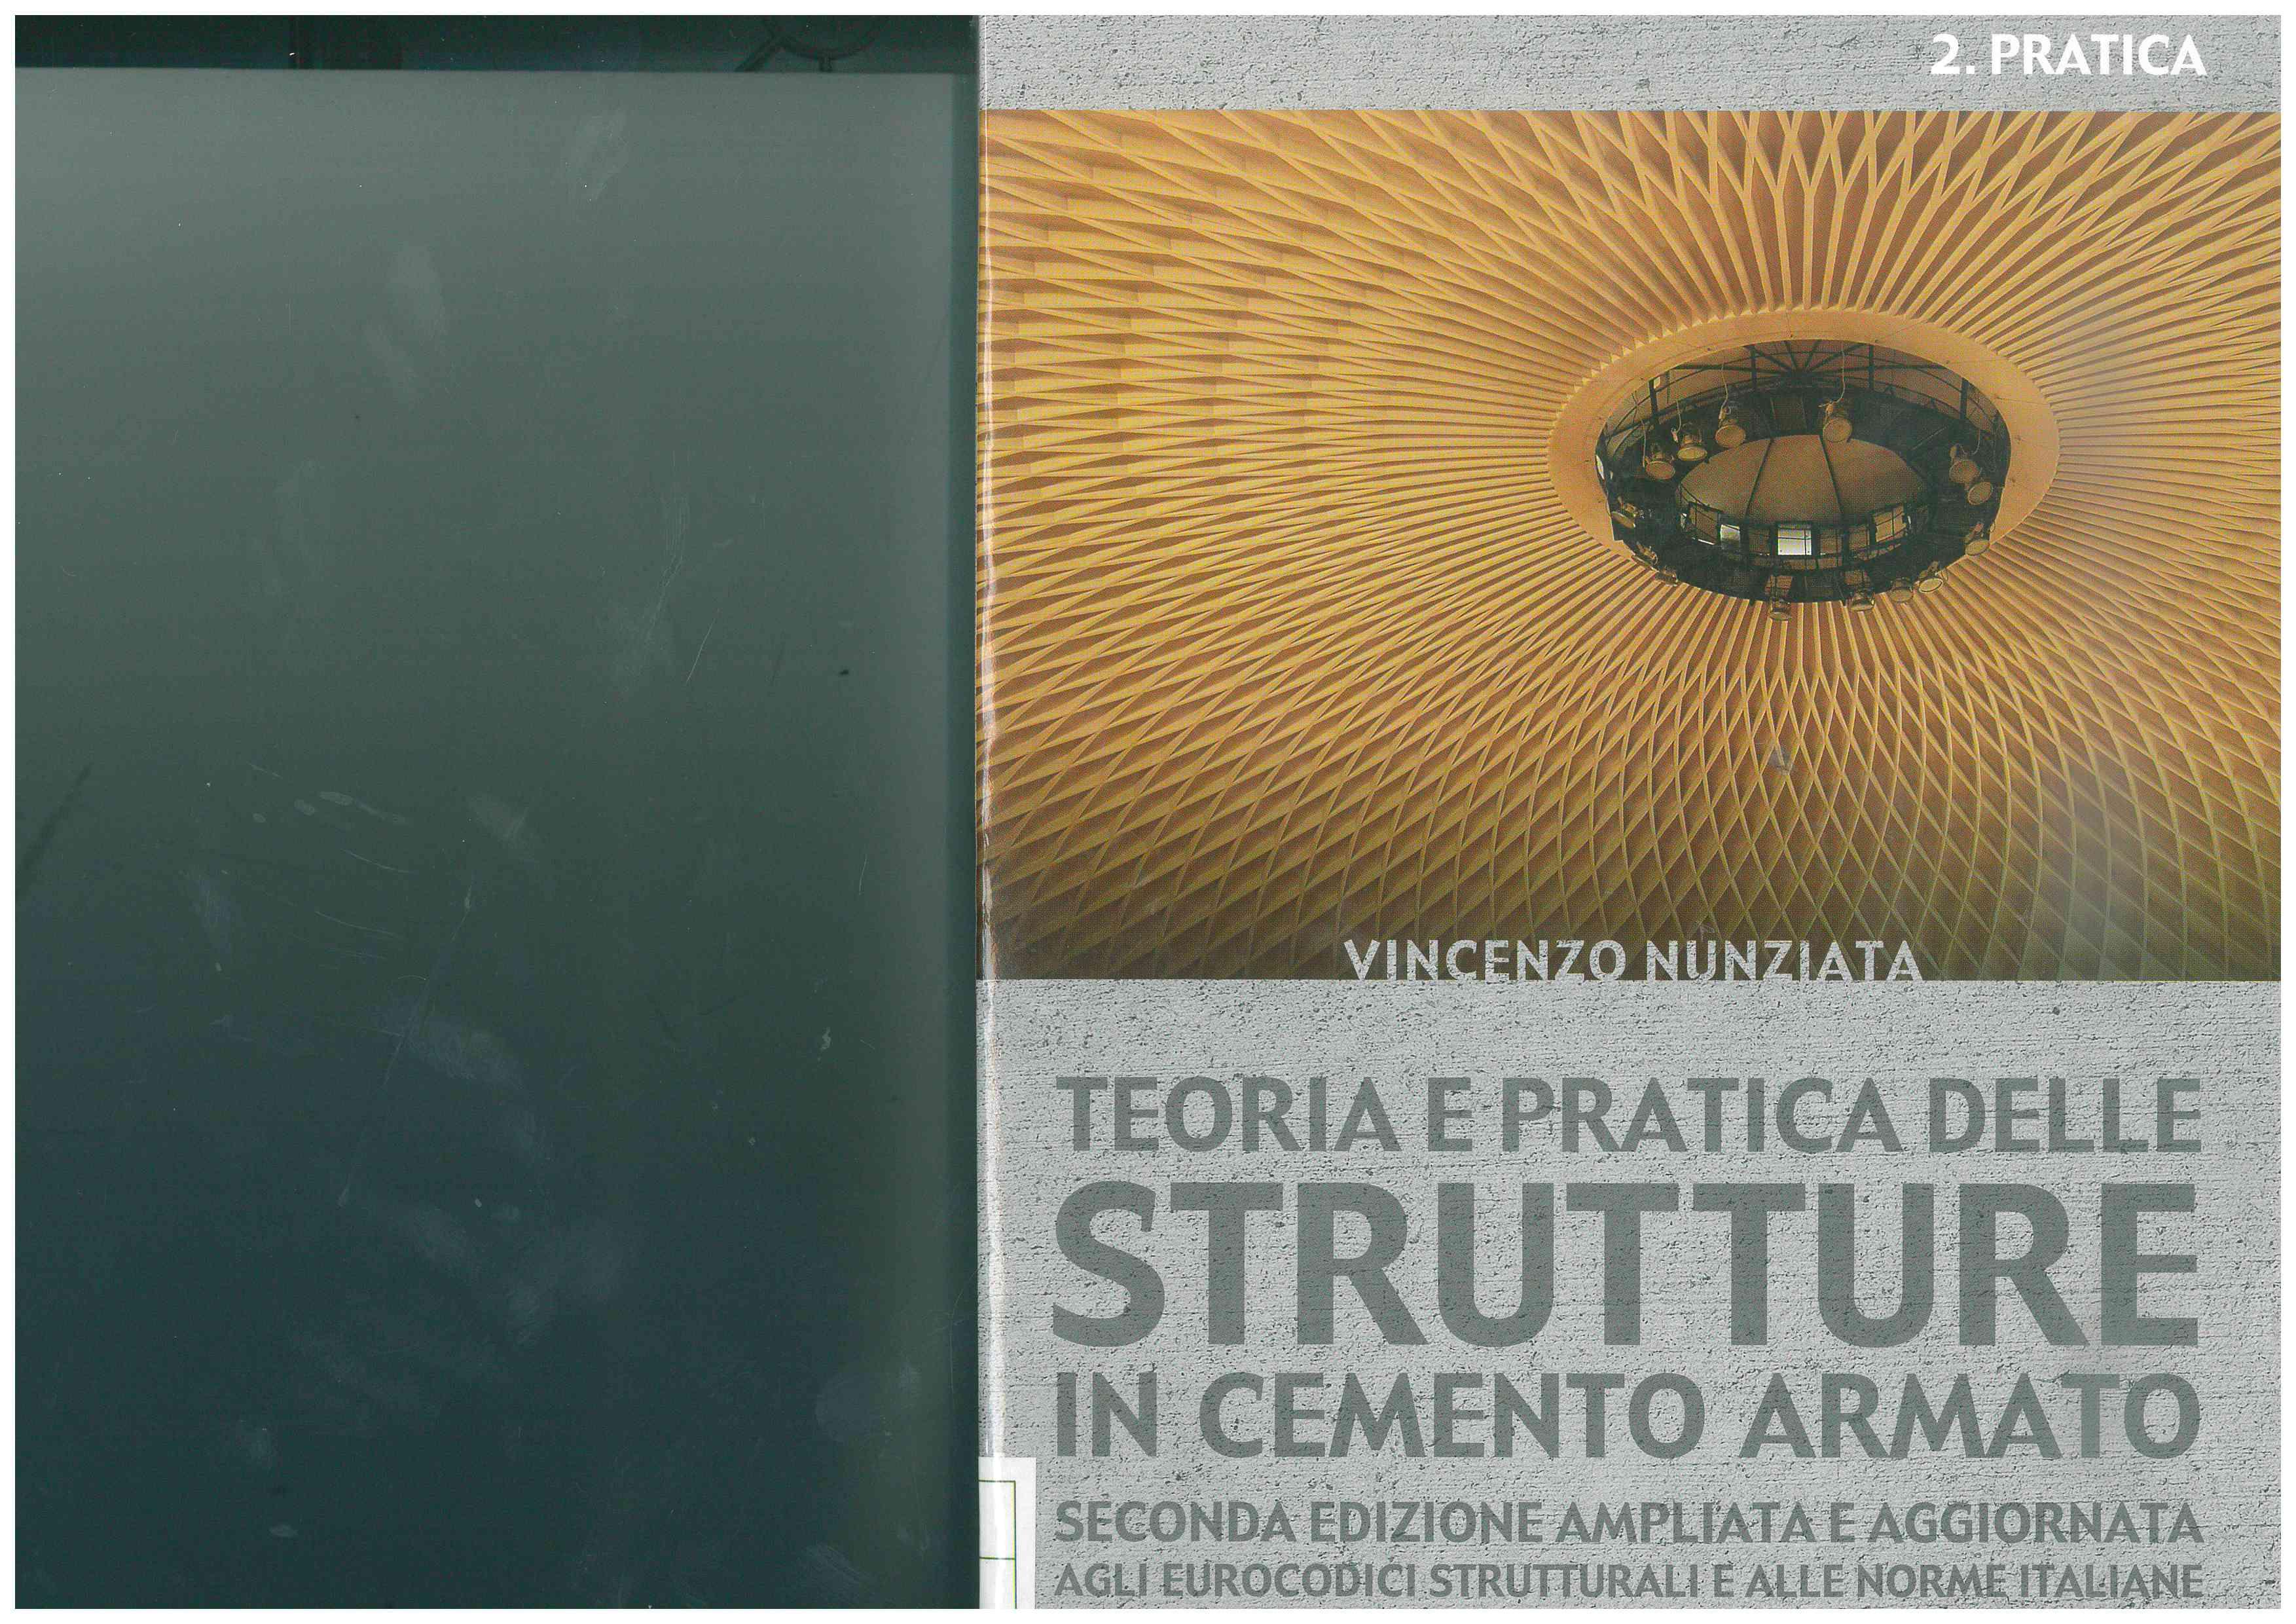 Teoria e pratica delle strutture in cemento armato - Vol. 2